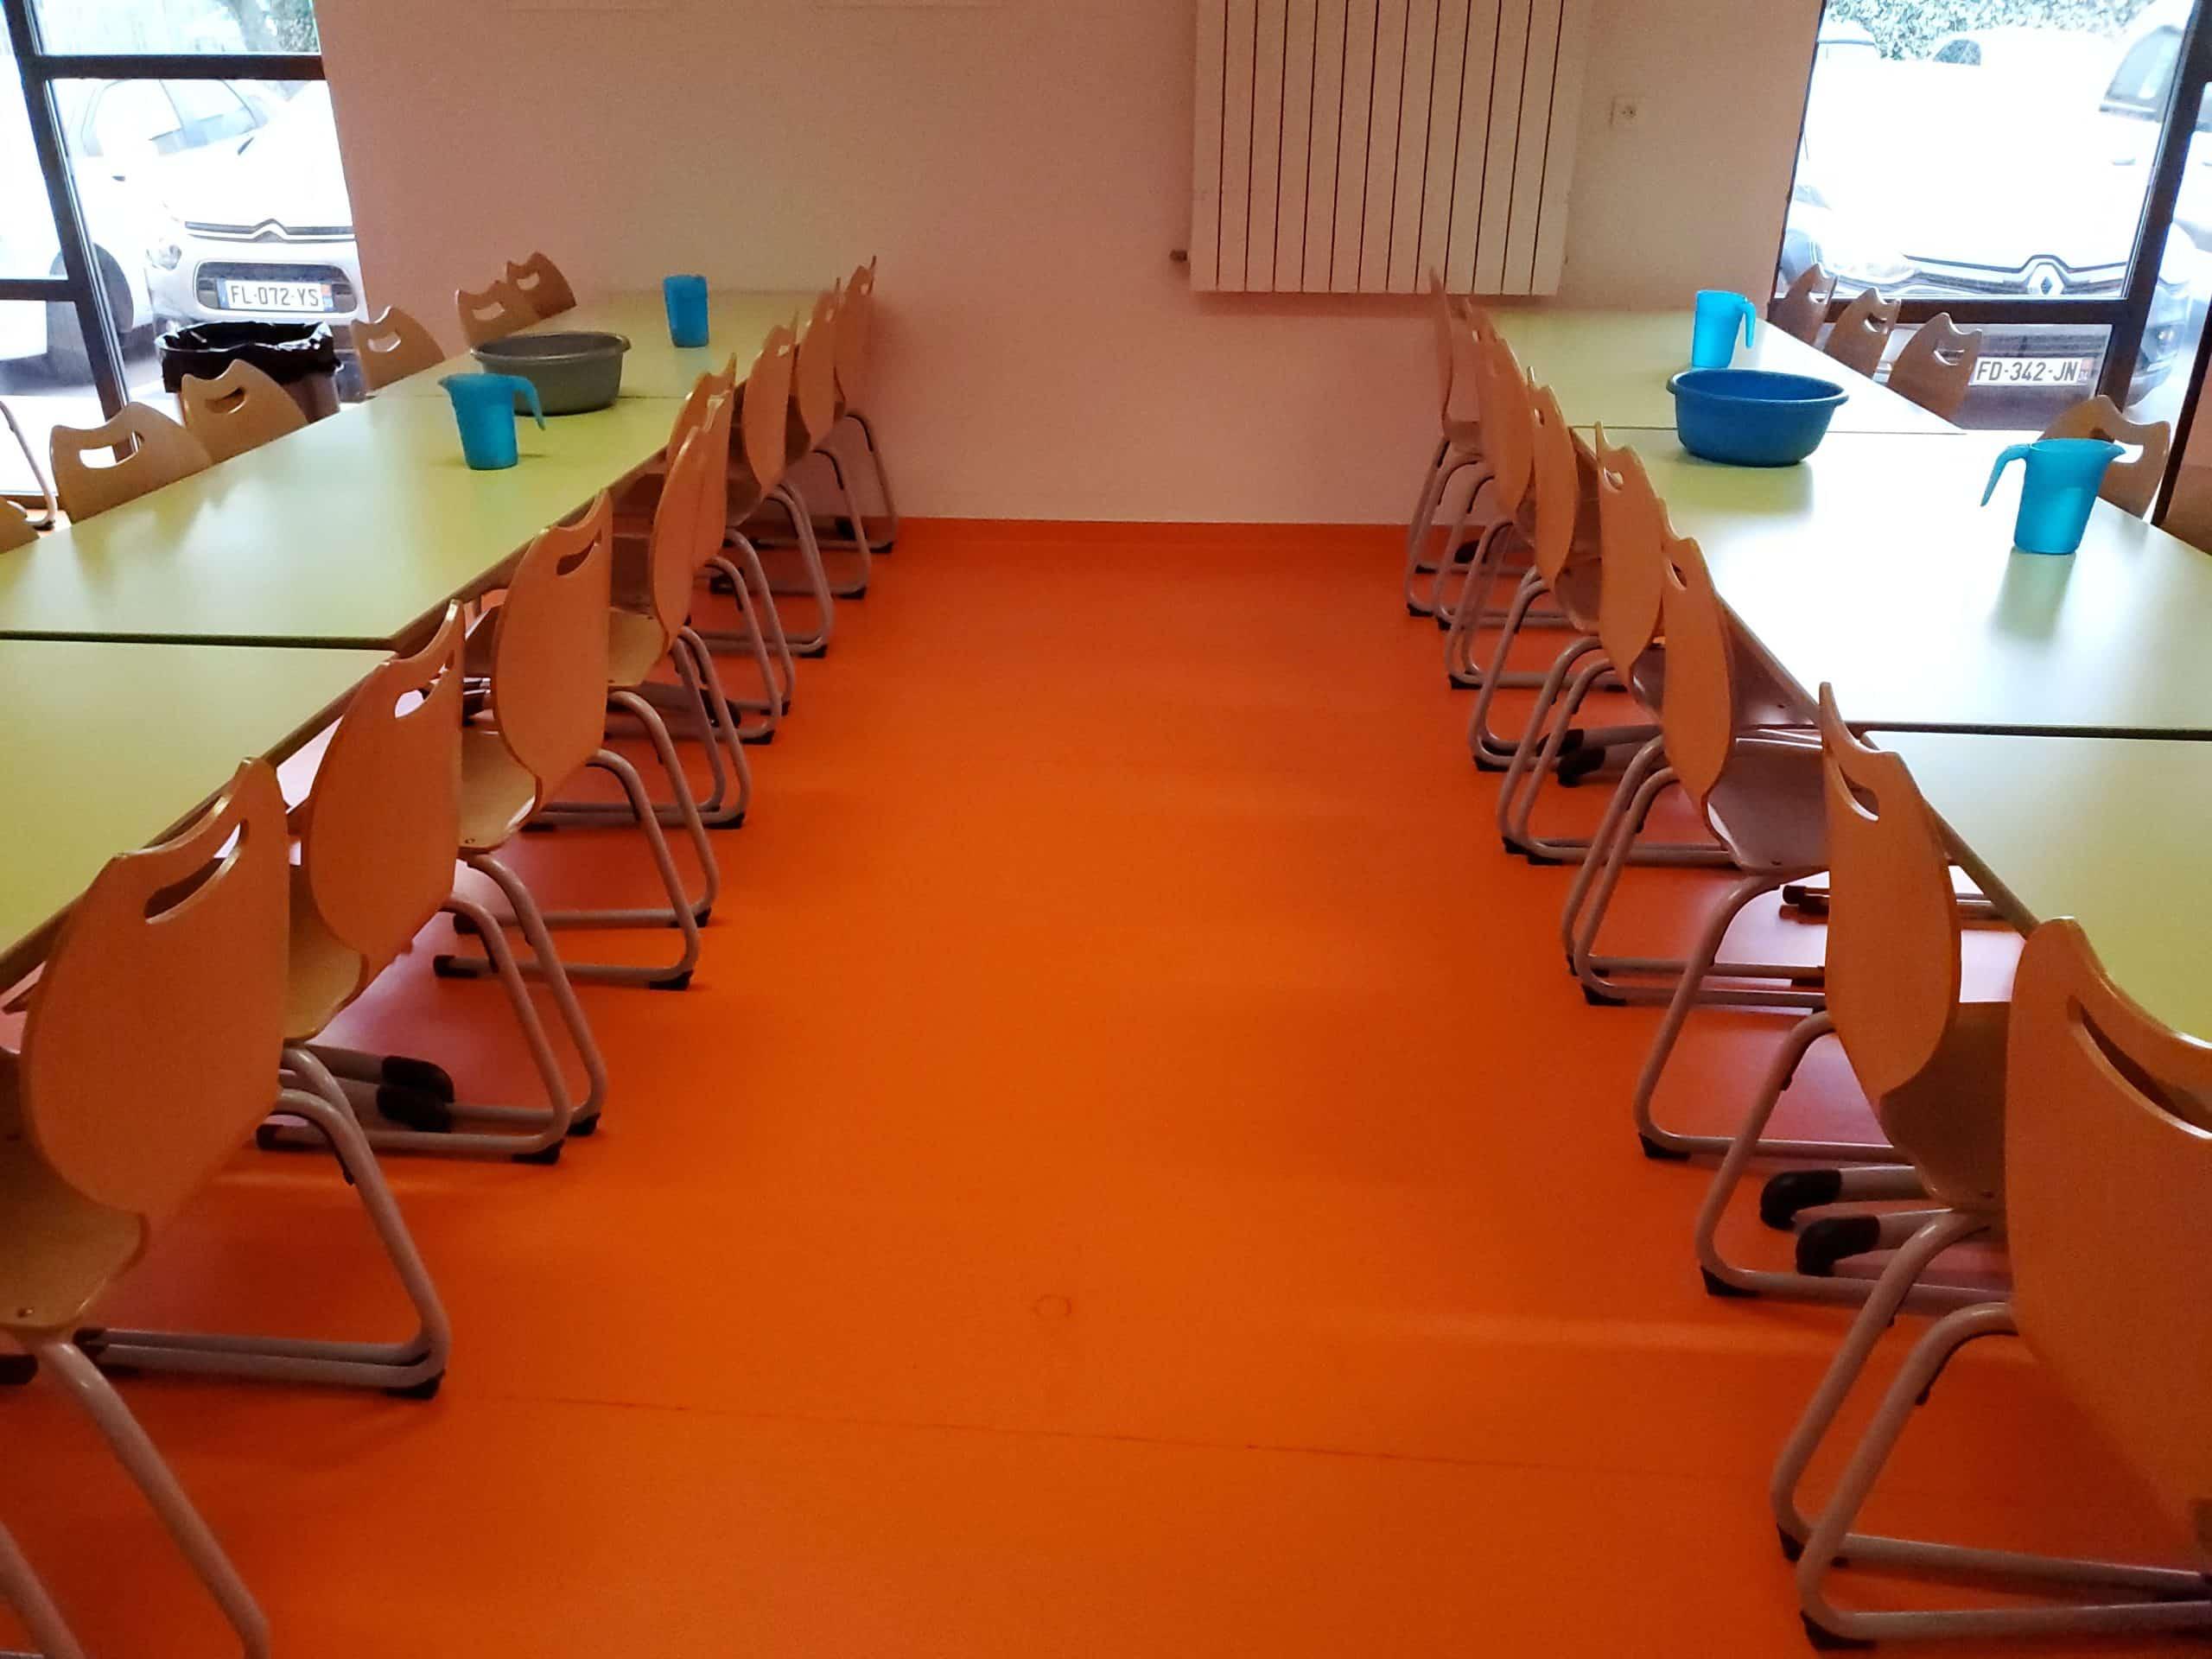 Fermeture de la restauration scolaire: le pique-nique proposé comme alternative